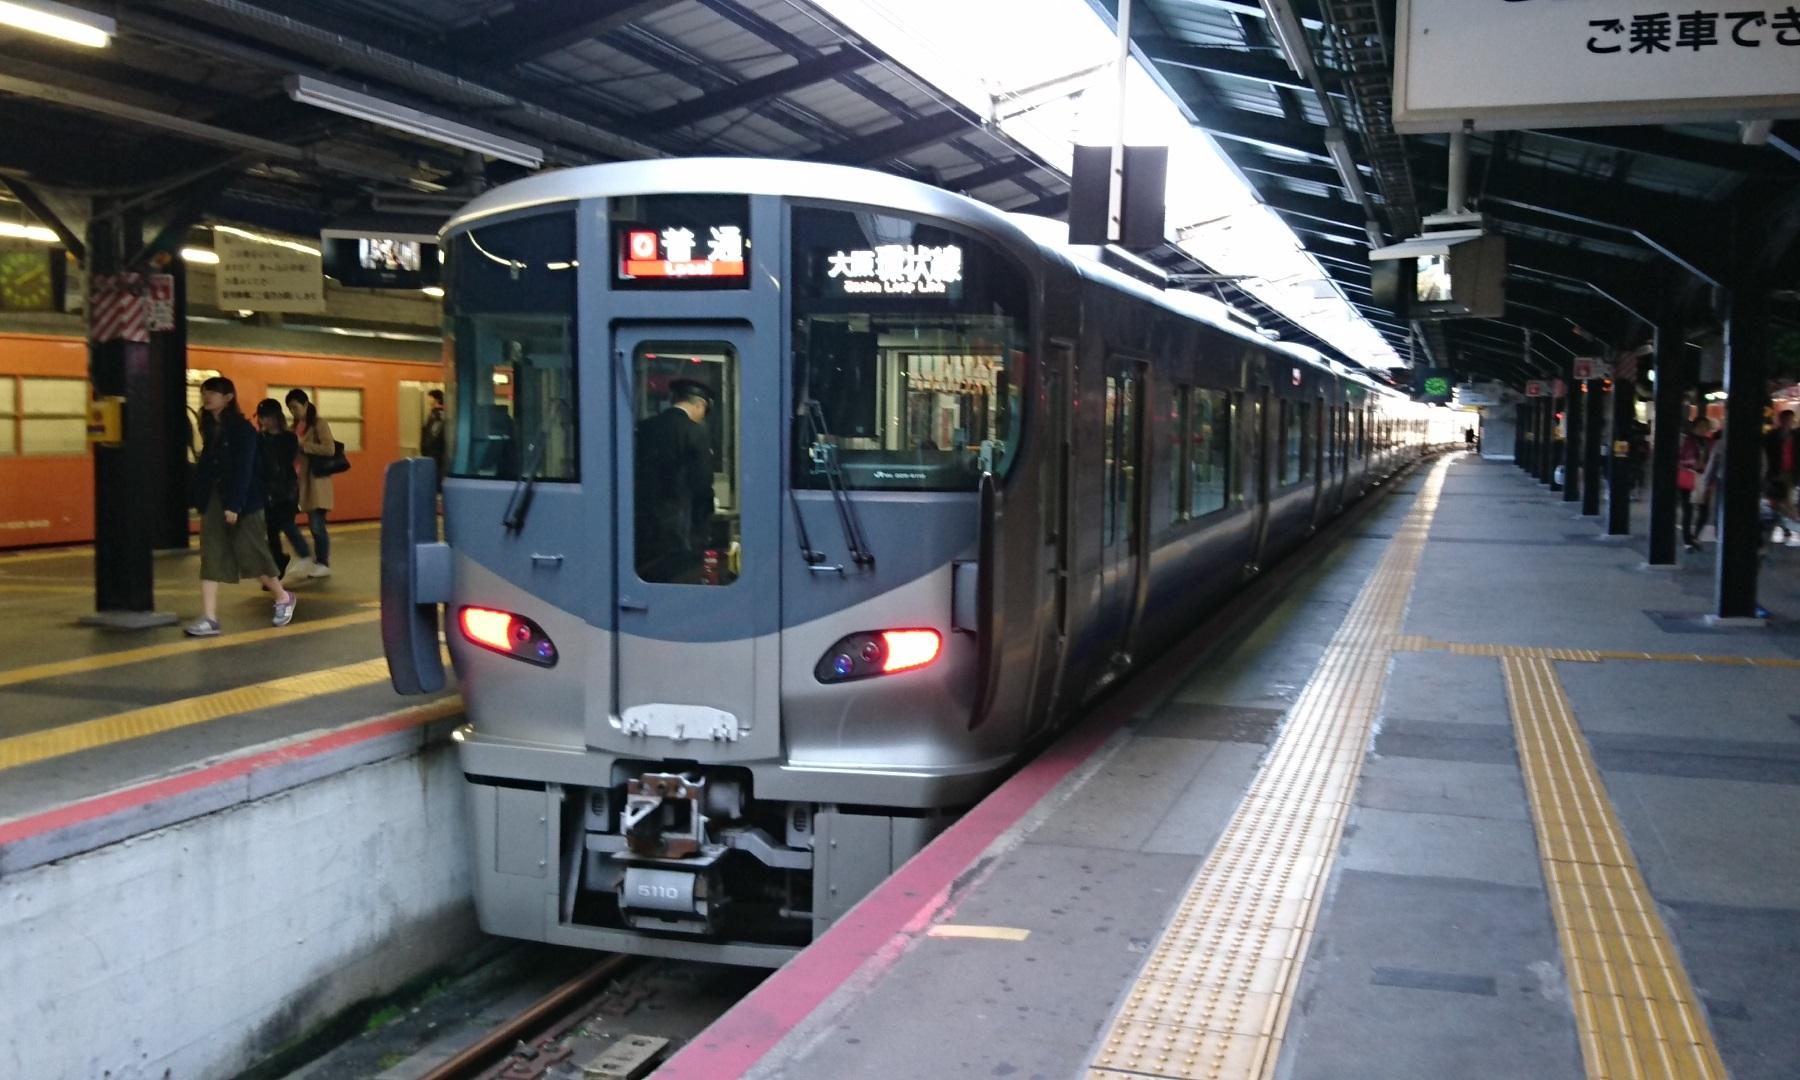 2016.11.12 大阪環状線 (8) 天王寺 - 225系5100番台 1800-1080